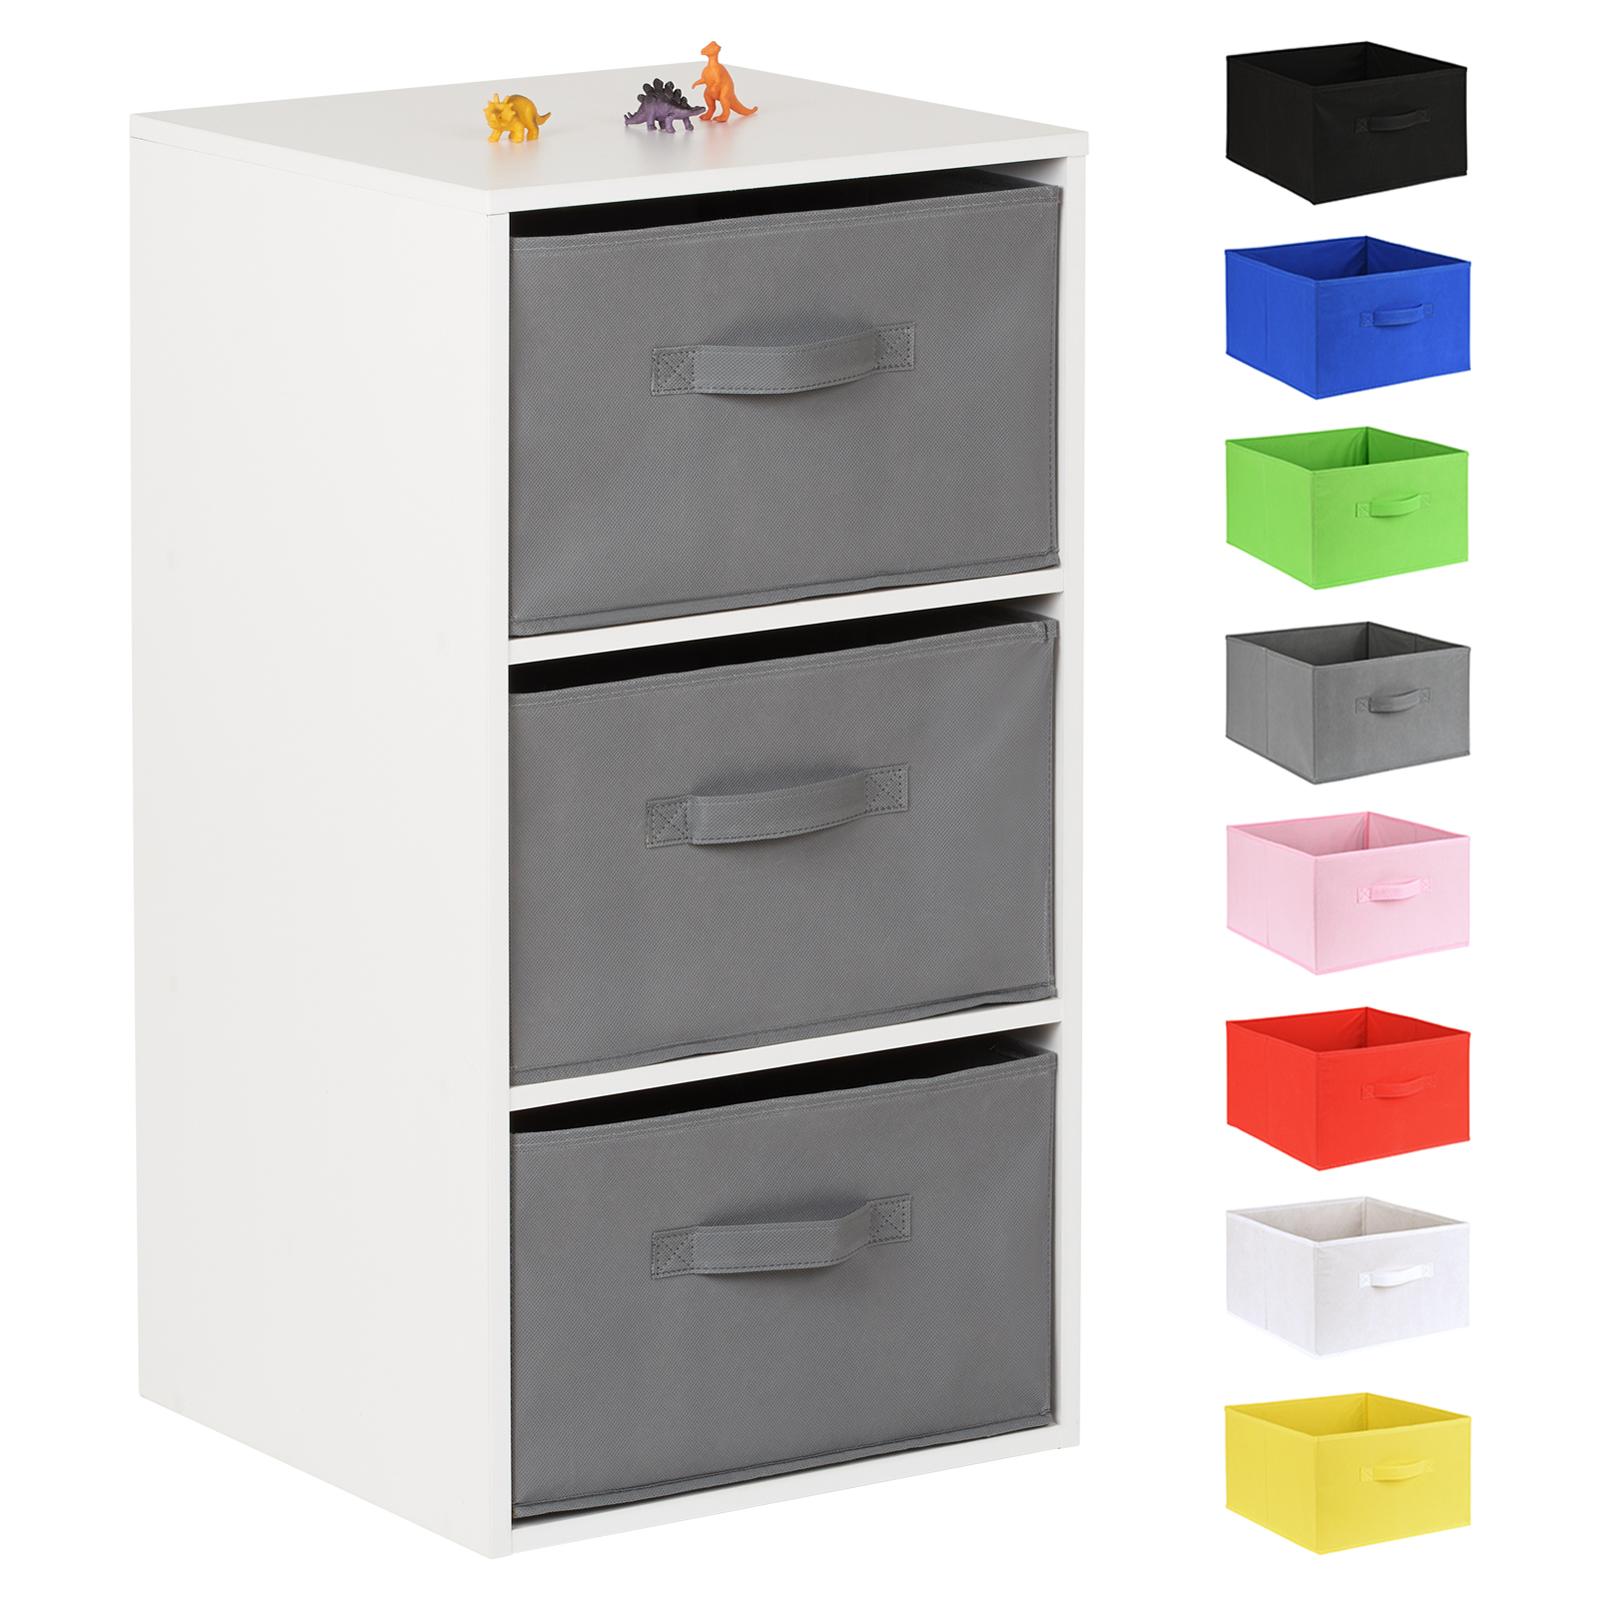 Jeux De Rangement De La Chambre détails sur hartleys blanc 3 cube enfants chambre À coucher/salle de jeux  étagère unité & tissu boîtes de rangement- afficher le titre d'origine